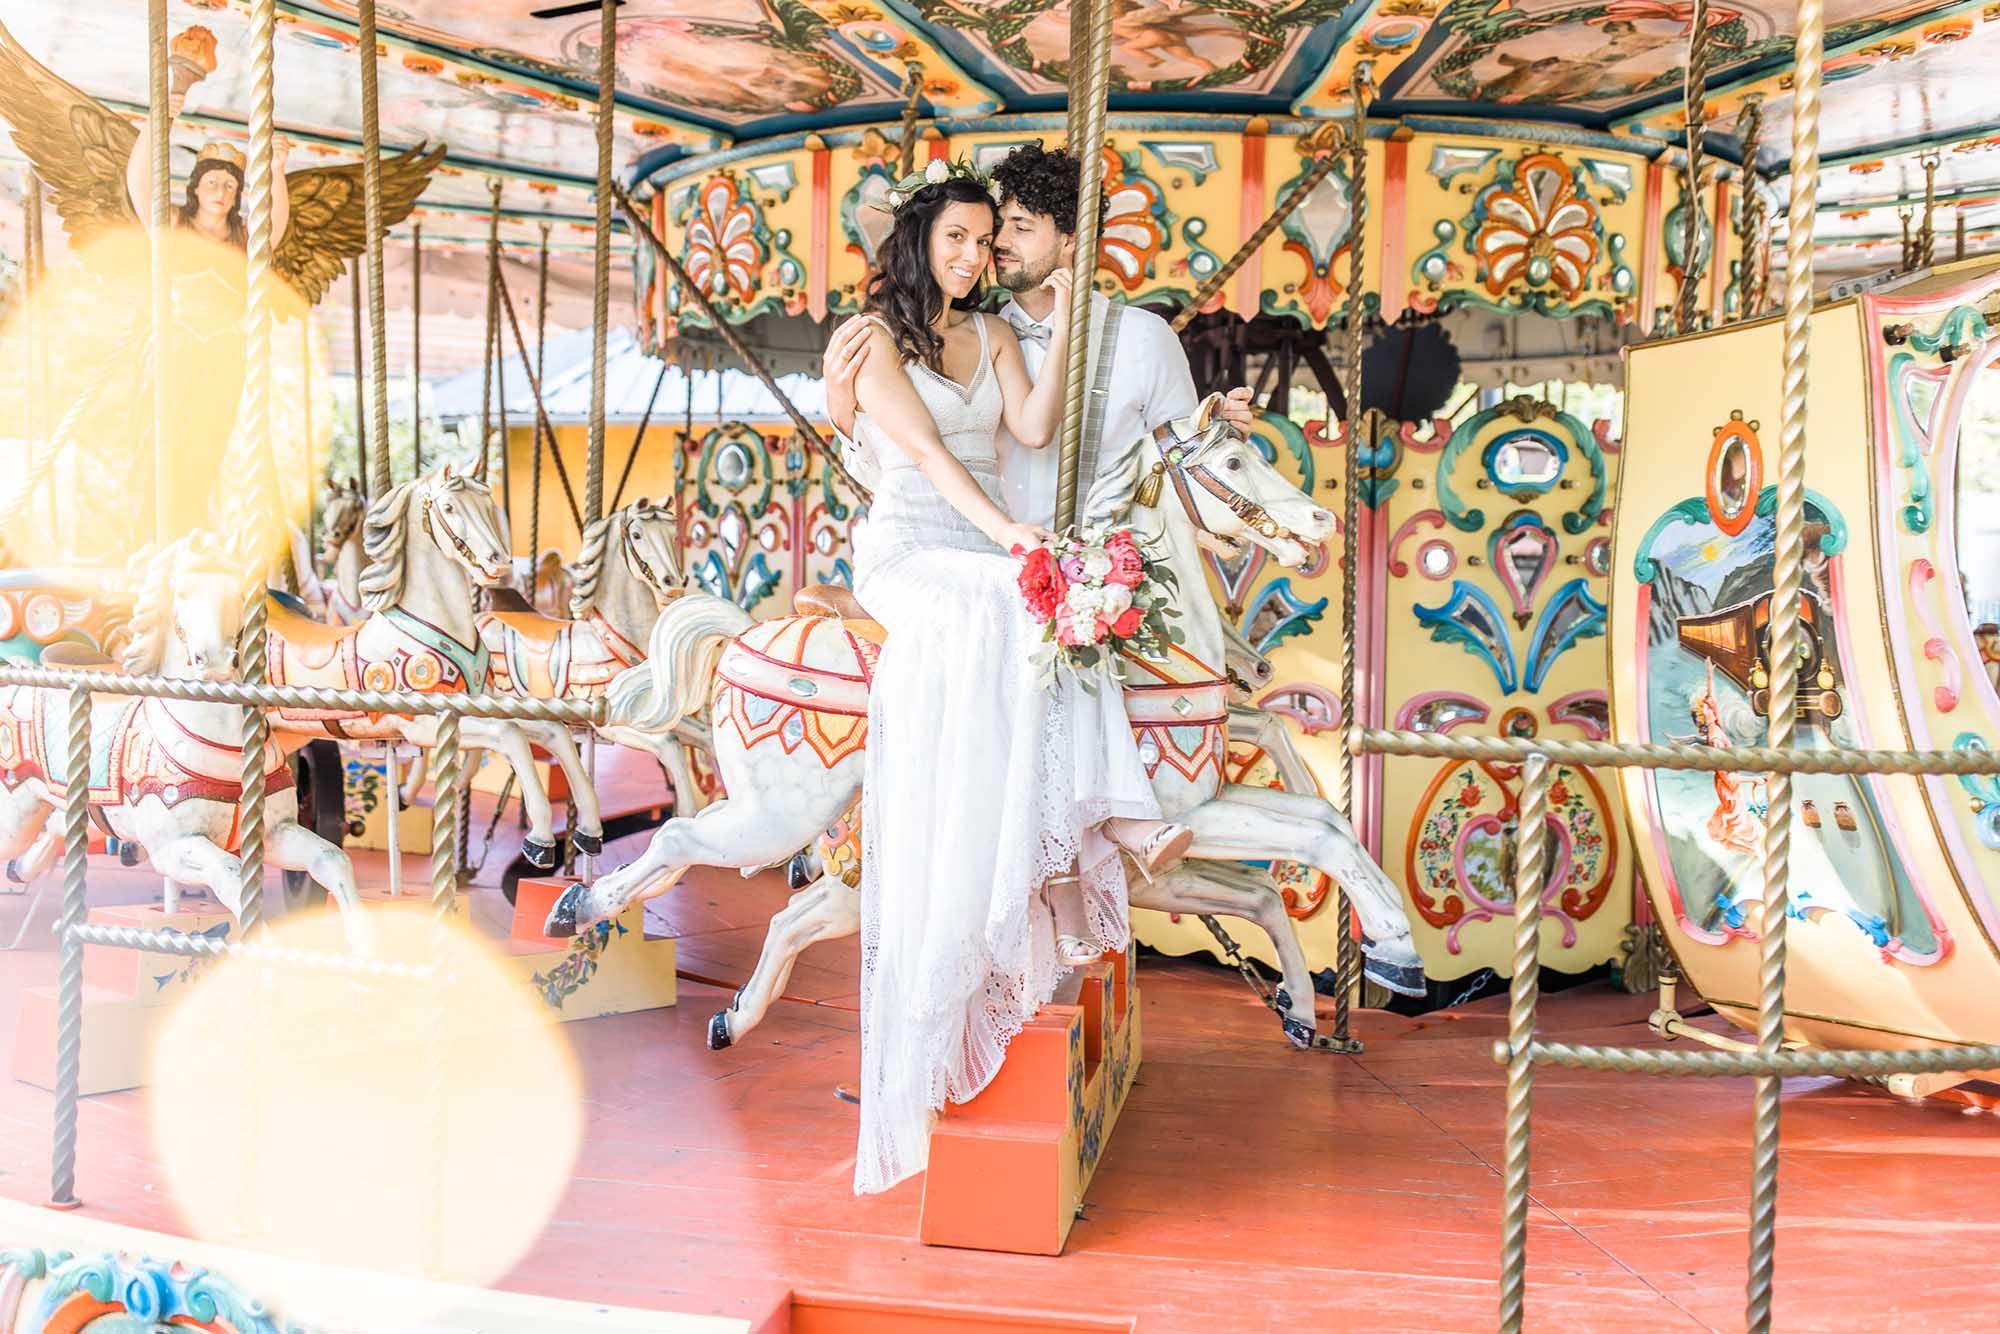 Unsere Traumhochzeit | Hochzeitsplanerin